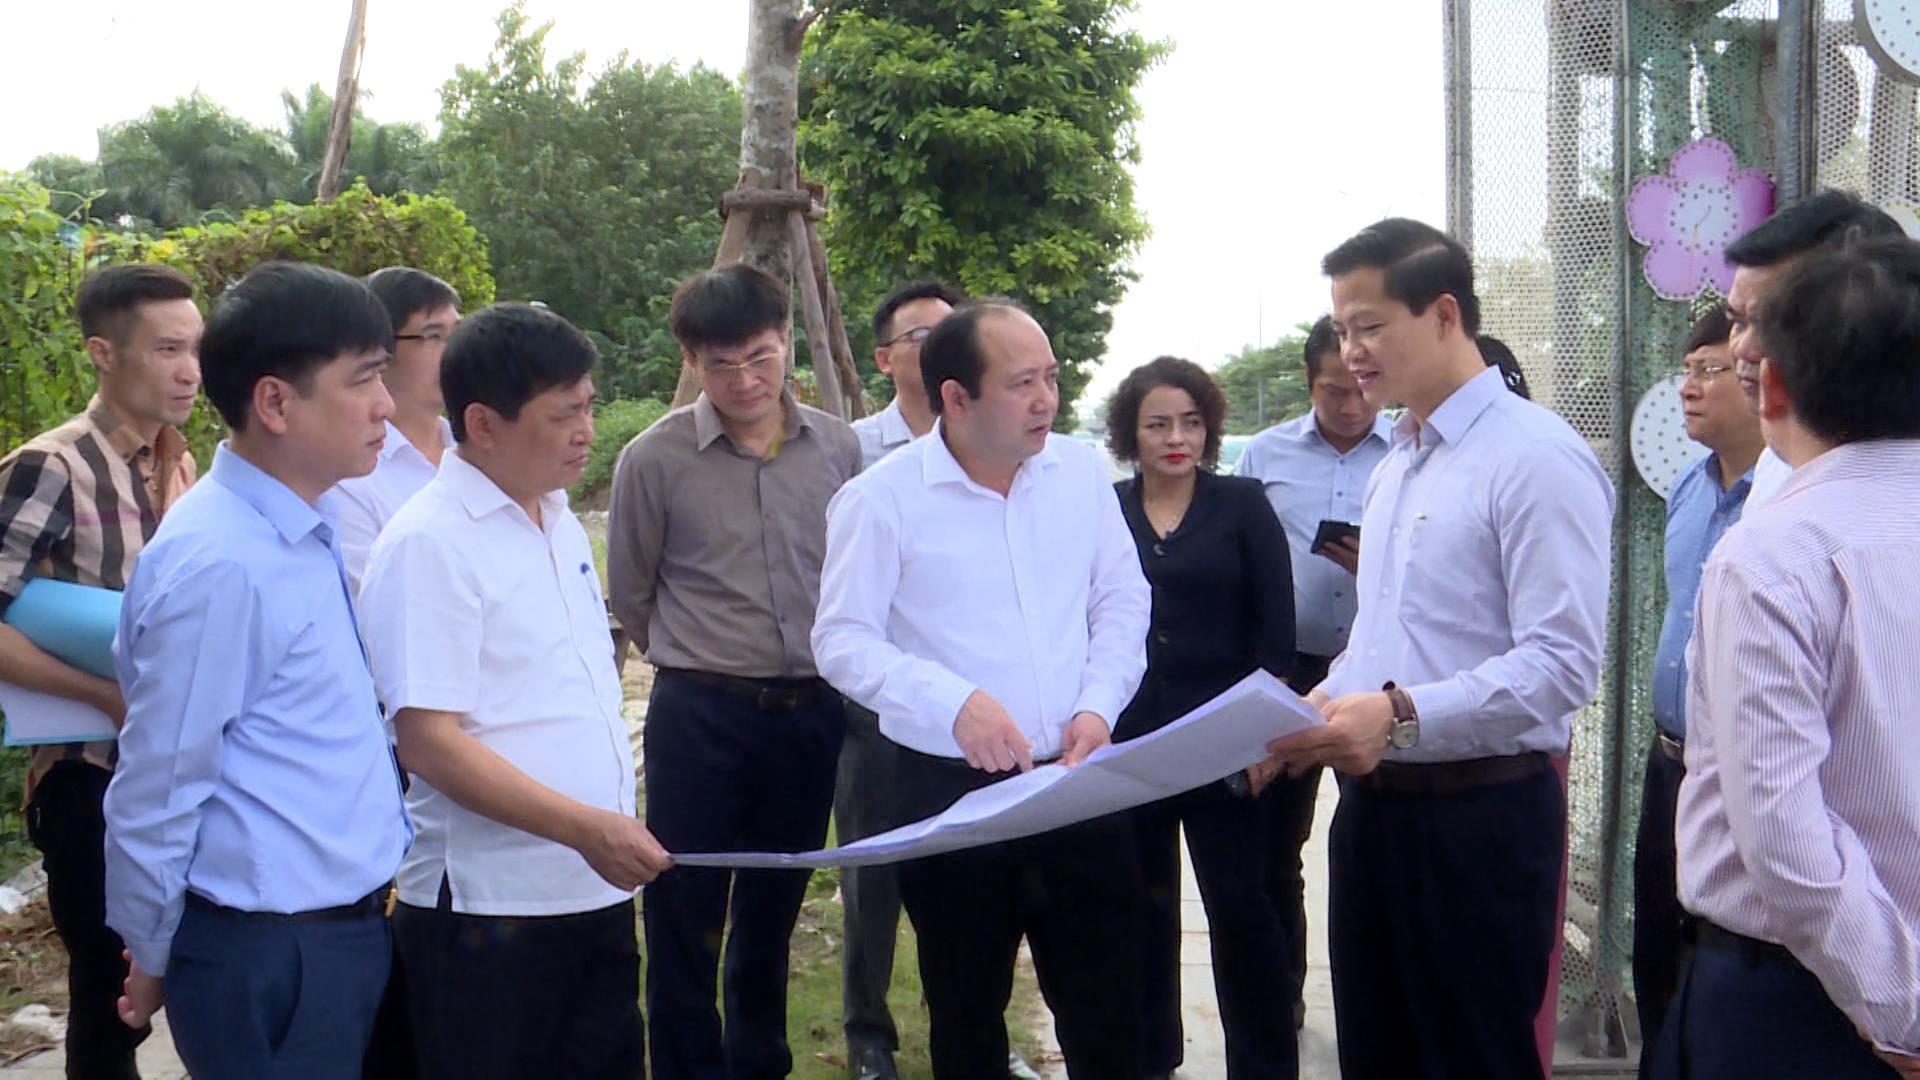 Phó Chủ tịch UBND tỉnh Vương Quốc Tuấn thăm, kiểm tra một số công trình văn hóa